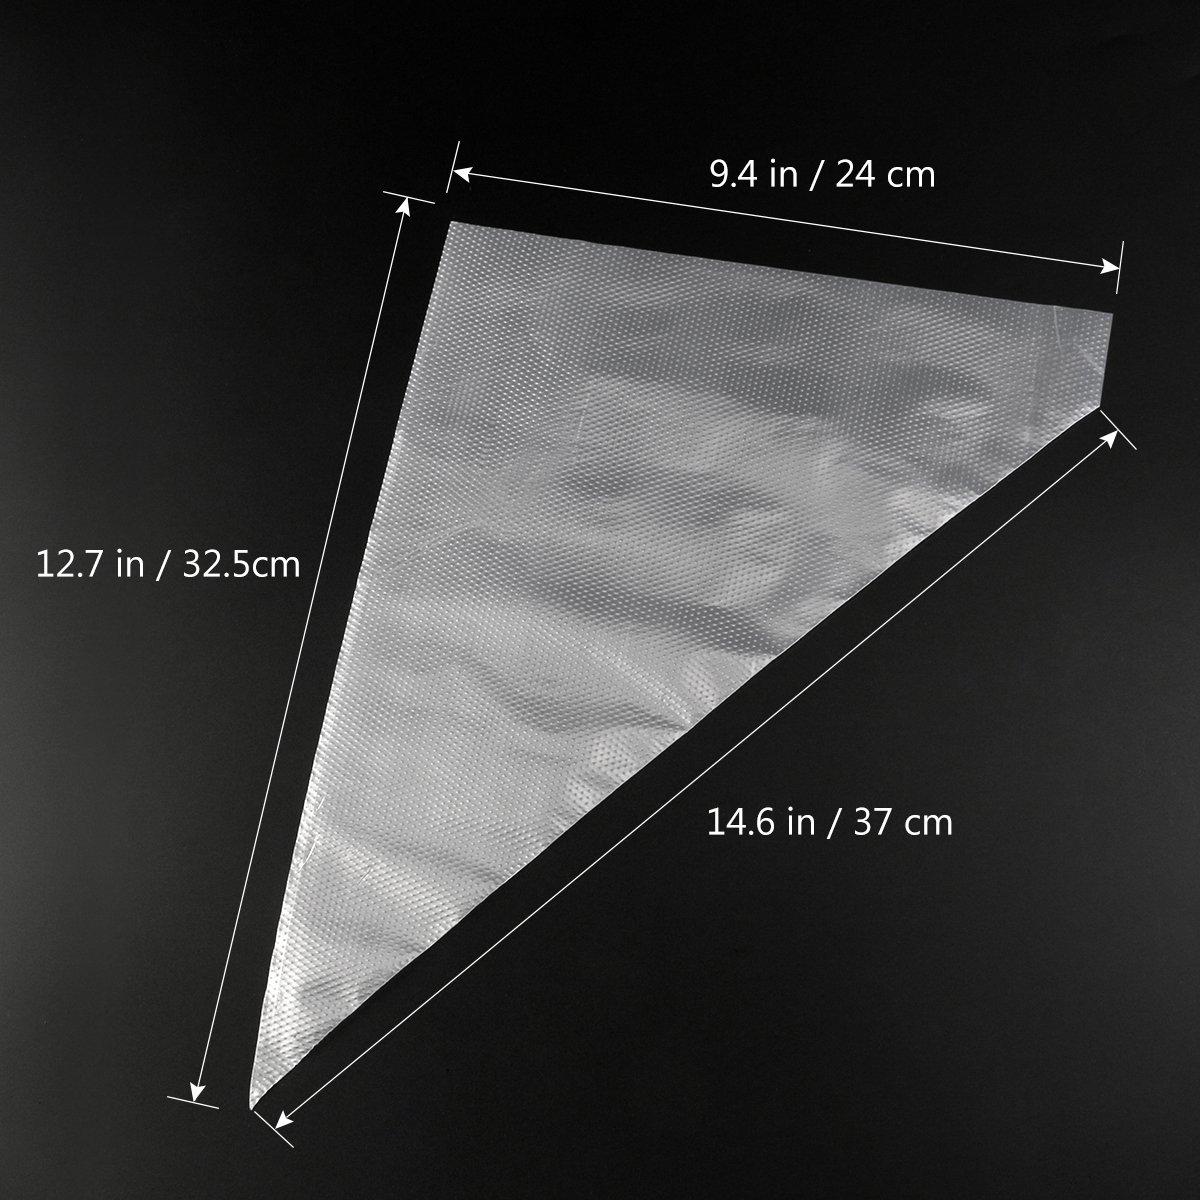 Paquet de 100 pi/èces BESTOMZ Poches /à Douille Jetables en Plastique pour Gla/çage G/âteau